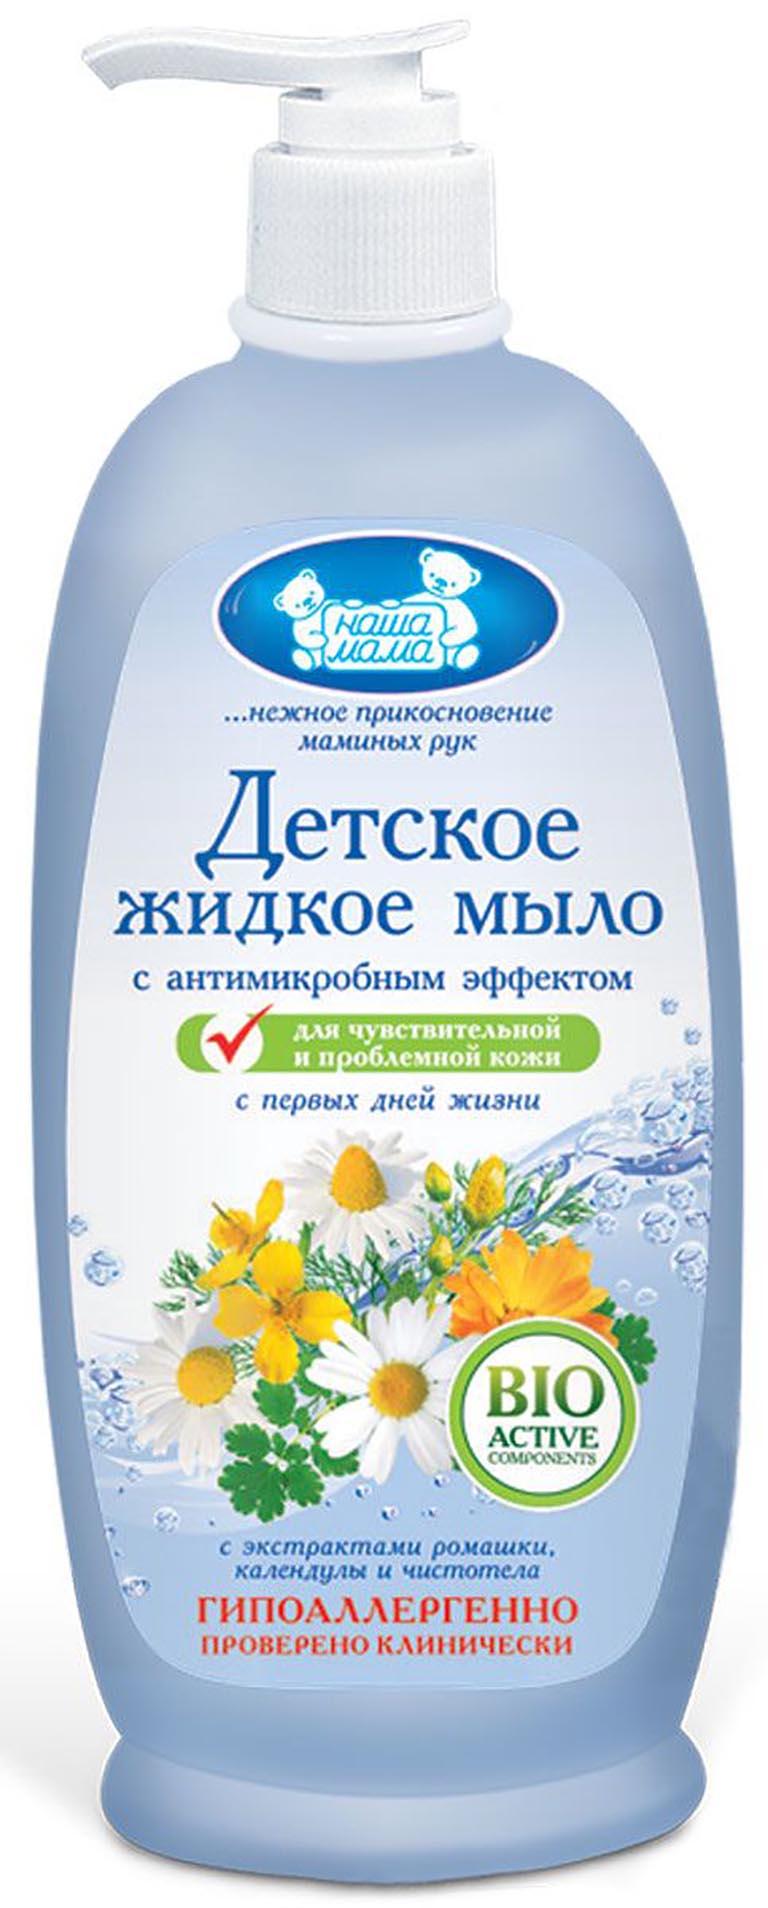 НАША МАМА Мыло жидк с антимикр  эффектом, для чувств кожи, 250 мл